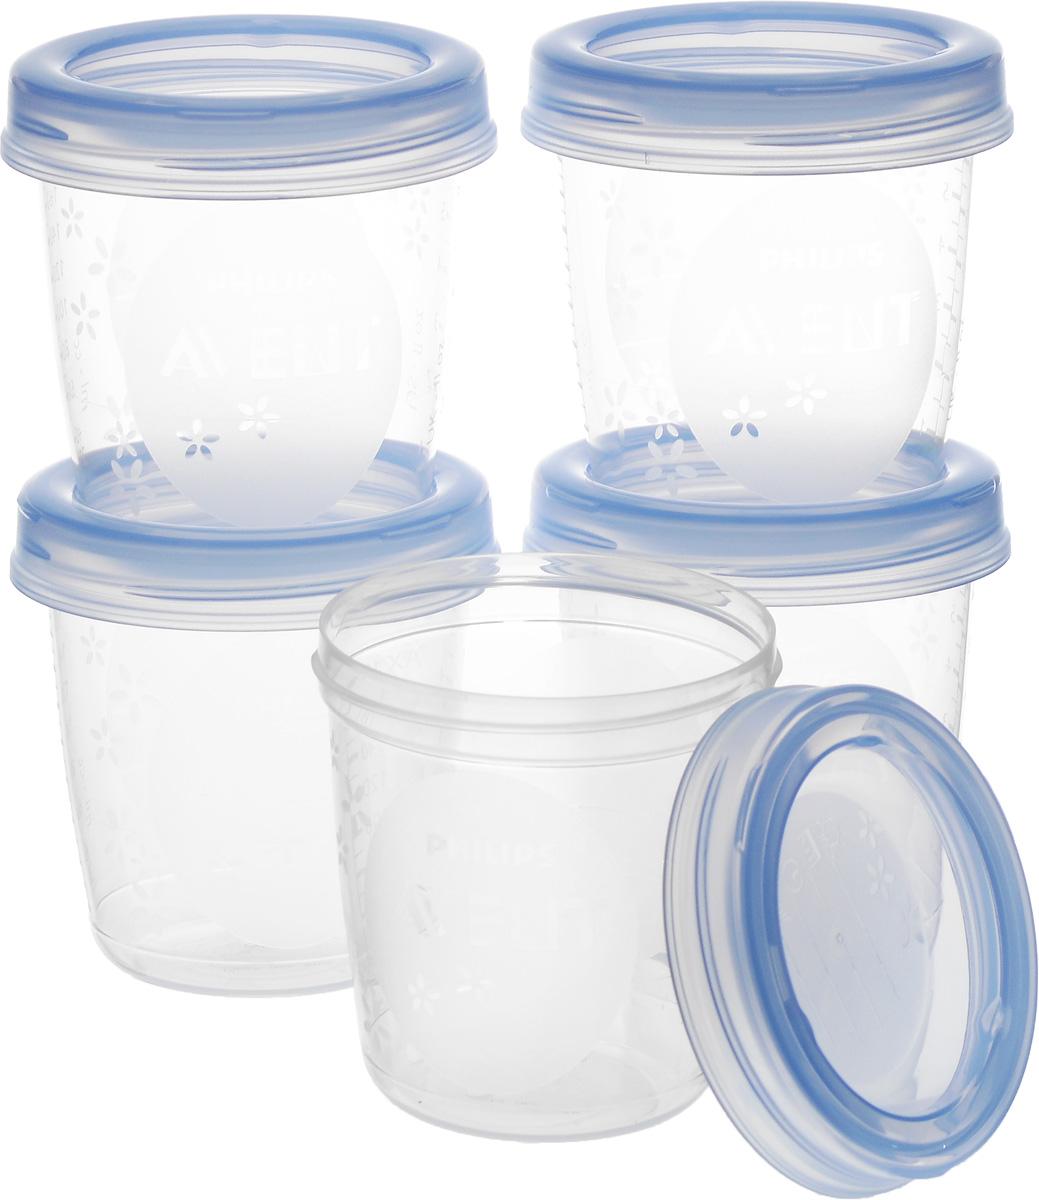 Philips Avent Набор контейнеров для грудного молока c крышками 180 мл 5 шт SCF619/05SCF619/05Набор контейнеров для грудного молока c крышками Philips Avent специально разработан для удовлетворения потребностей матери и ребенка. Процесс кормления проходит легко, а ваш ребенок не подвергается воздействию вредных веществ. Грудное молоко имеет огромное значение для развития вашего малыша. Если вы обращаетесь с молоком осторожно, оно сохраняет все природные витамины и питательные вещества, необходимые для ребенка. Именно поэтому так важно подобрать правильный контейнер для хранения вашего молока. Набор включает 5 контейнеров объемом по 180 мл. На контейнерах и крышках можно писать даты, когда молоко было упаковано. Изделия не содержат бисфенол А, изготовлены из безопасного полипропилена.